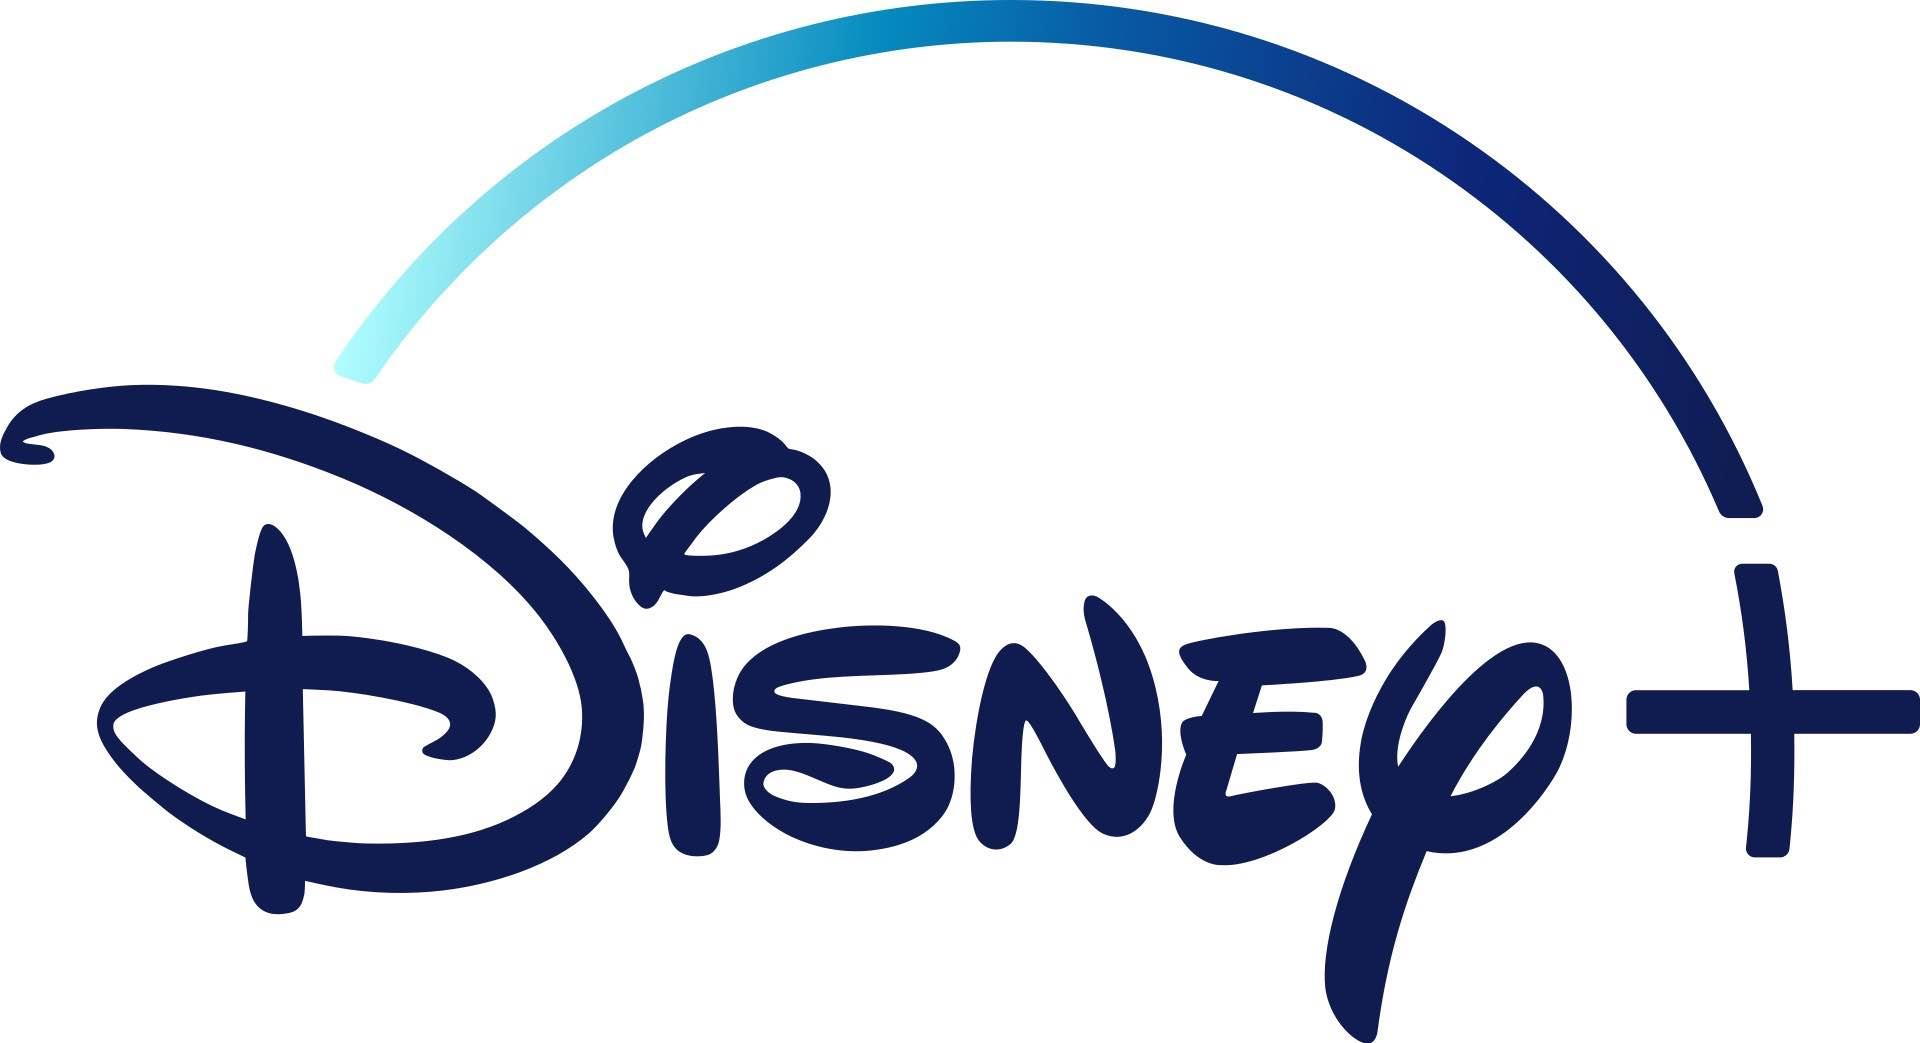 Prueba Disney+ gratis durante 7 días. Después, 6,99 euros al mes o 69,99 euros la suscripción anual.